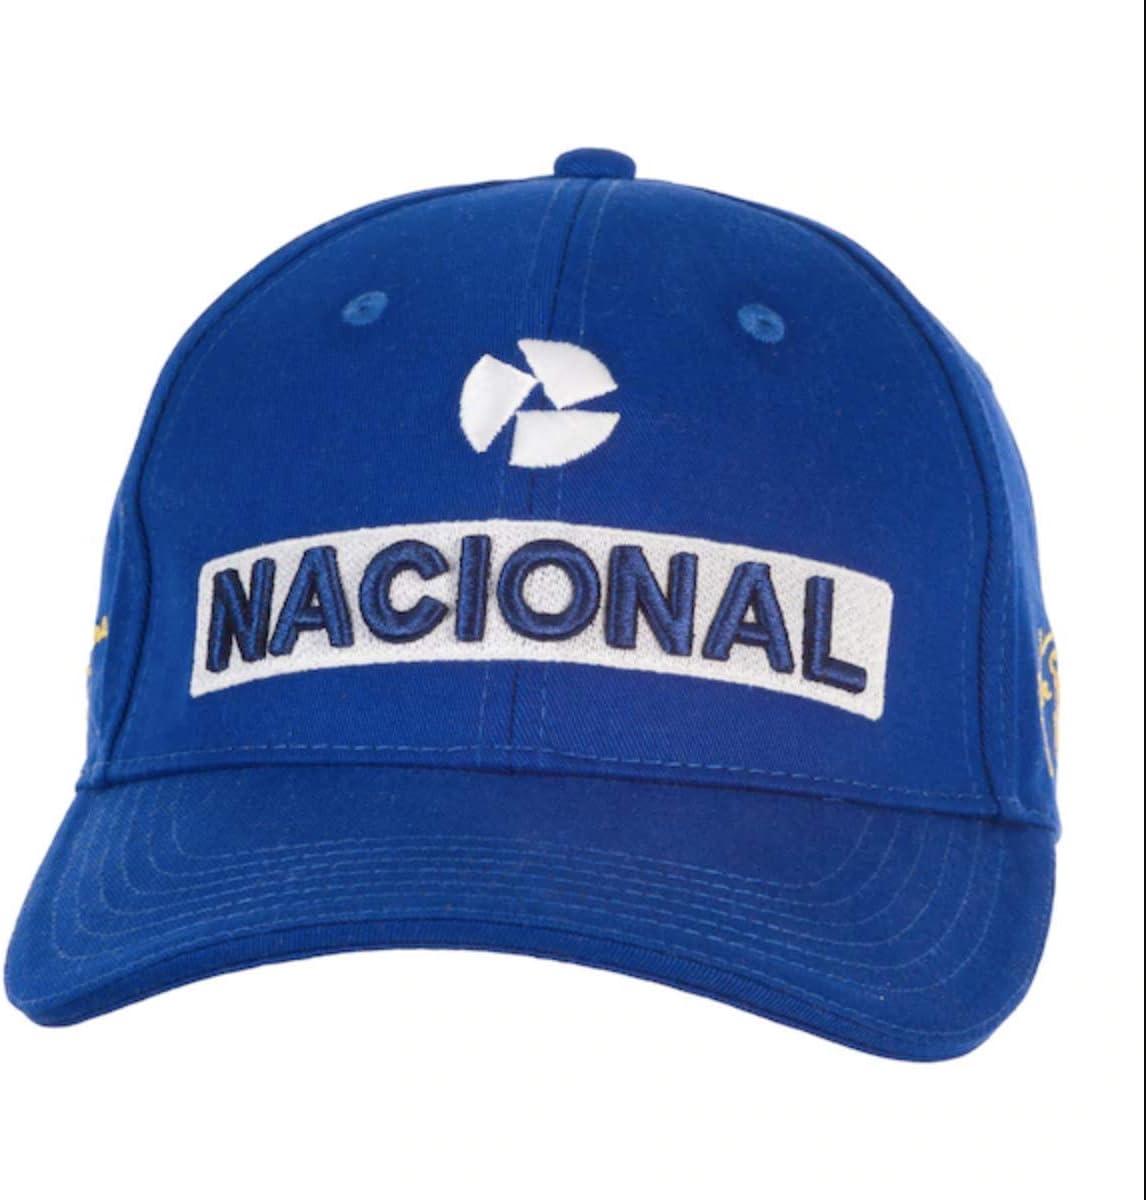 Gorra Ayrton Senna Oficial Nacional: Amazon.es: Deportes y aire libre